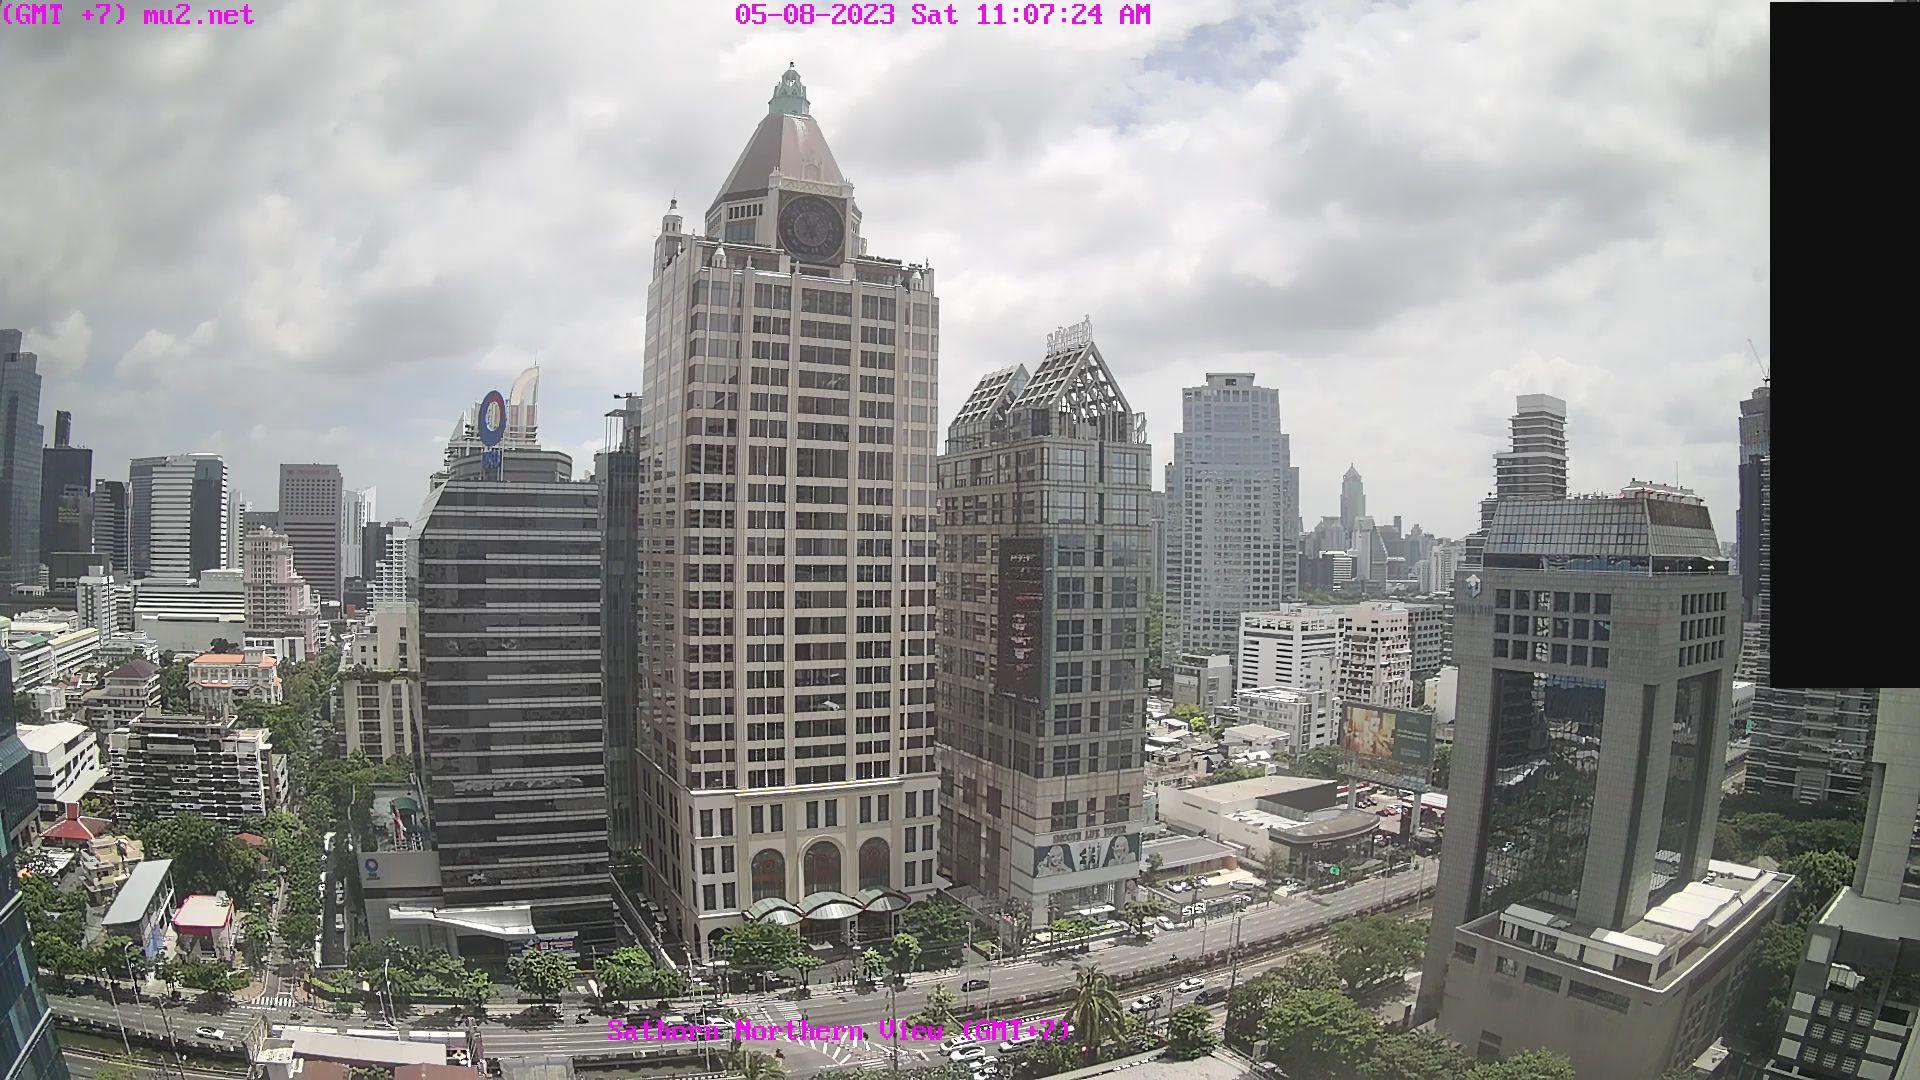 Bangkok So. 11:19